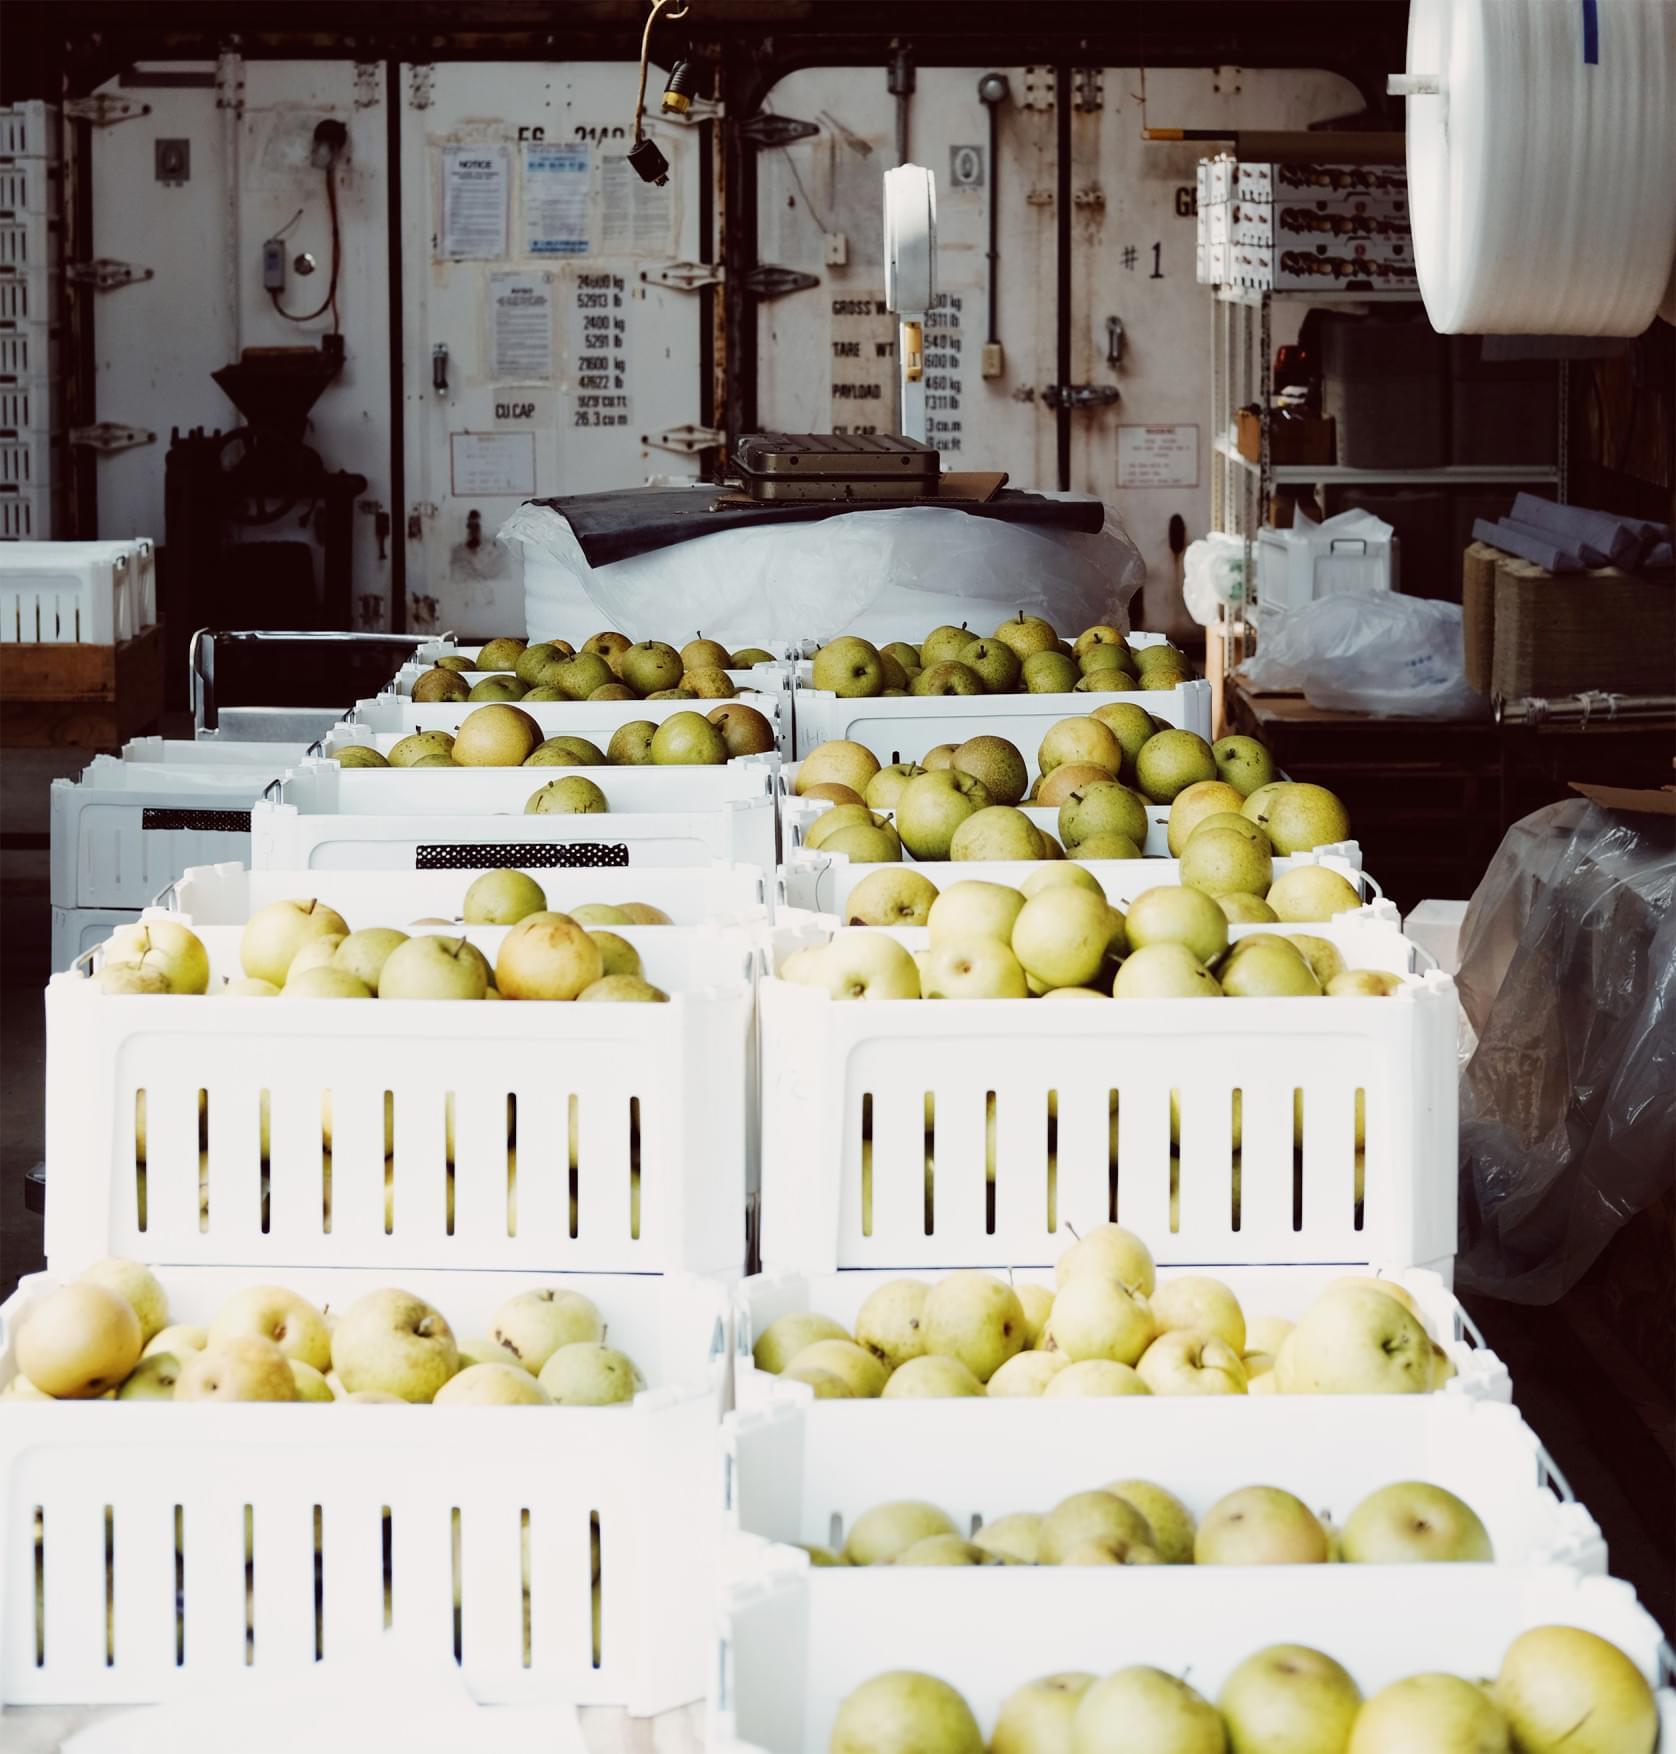 Entrepôts de pommes.